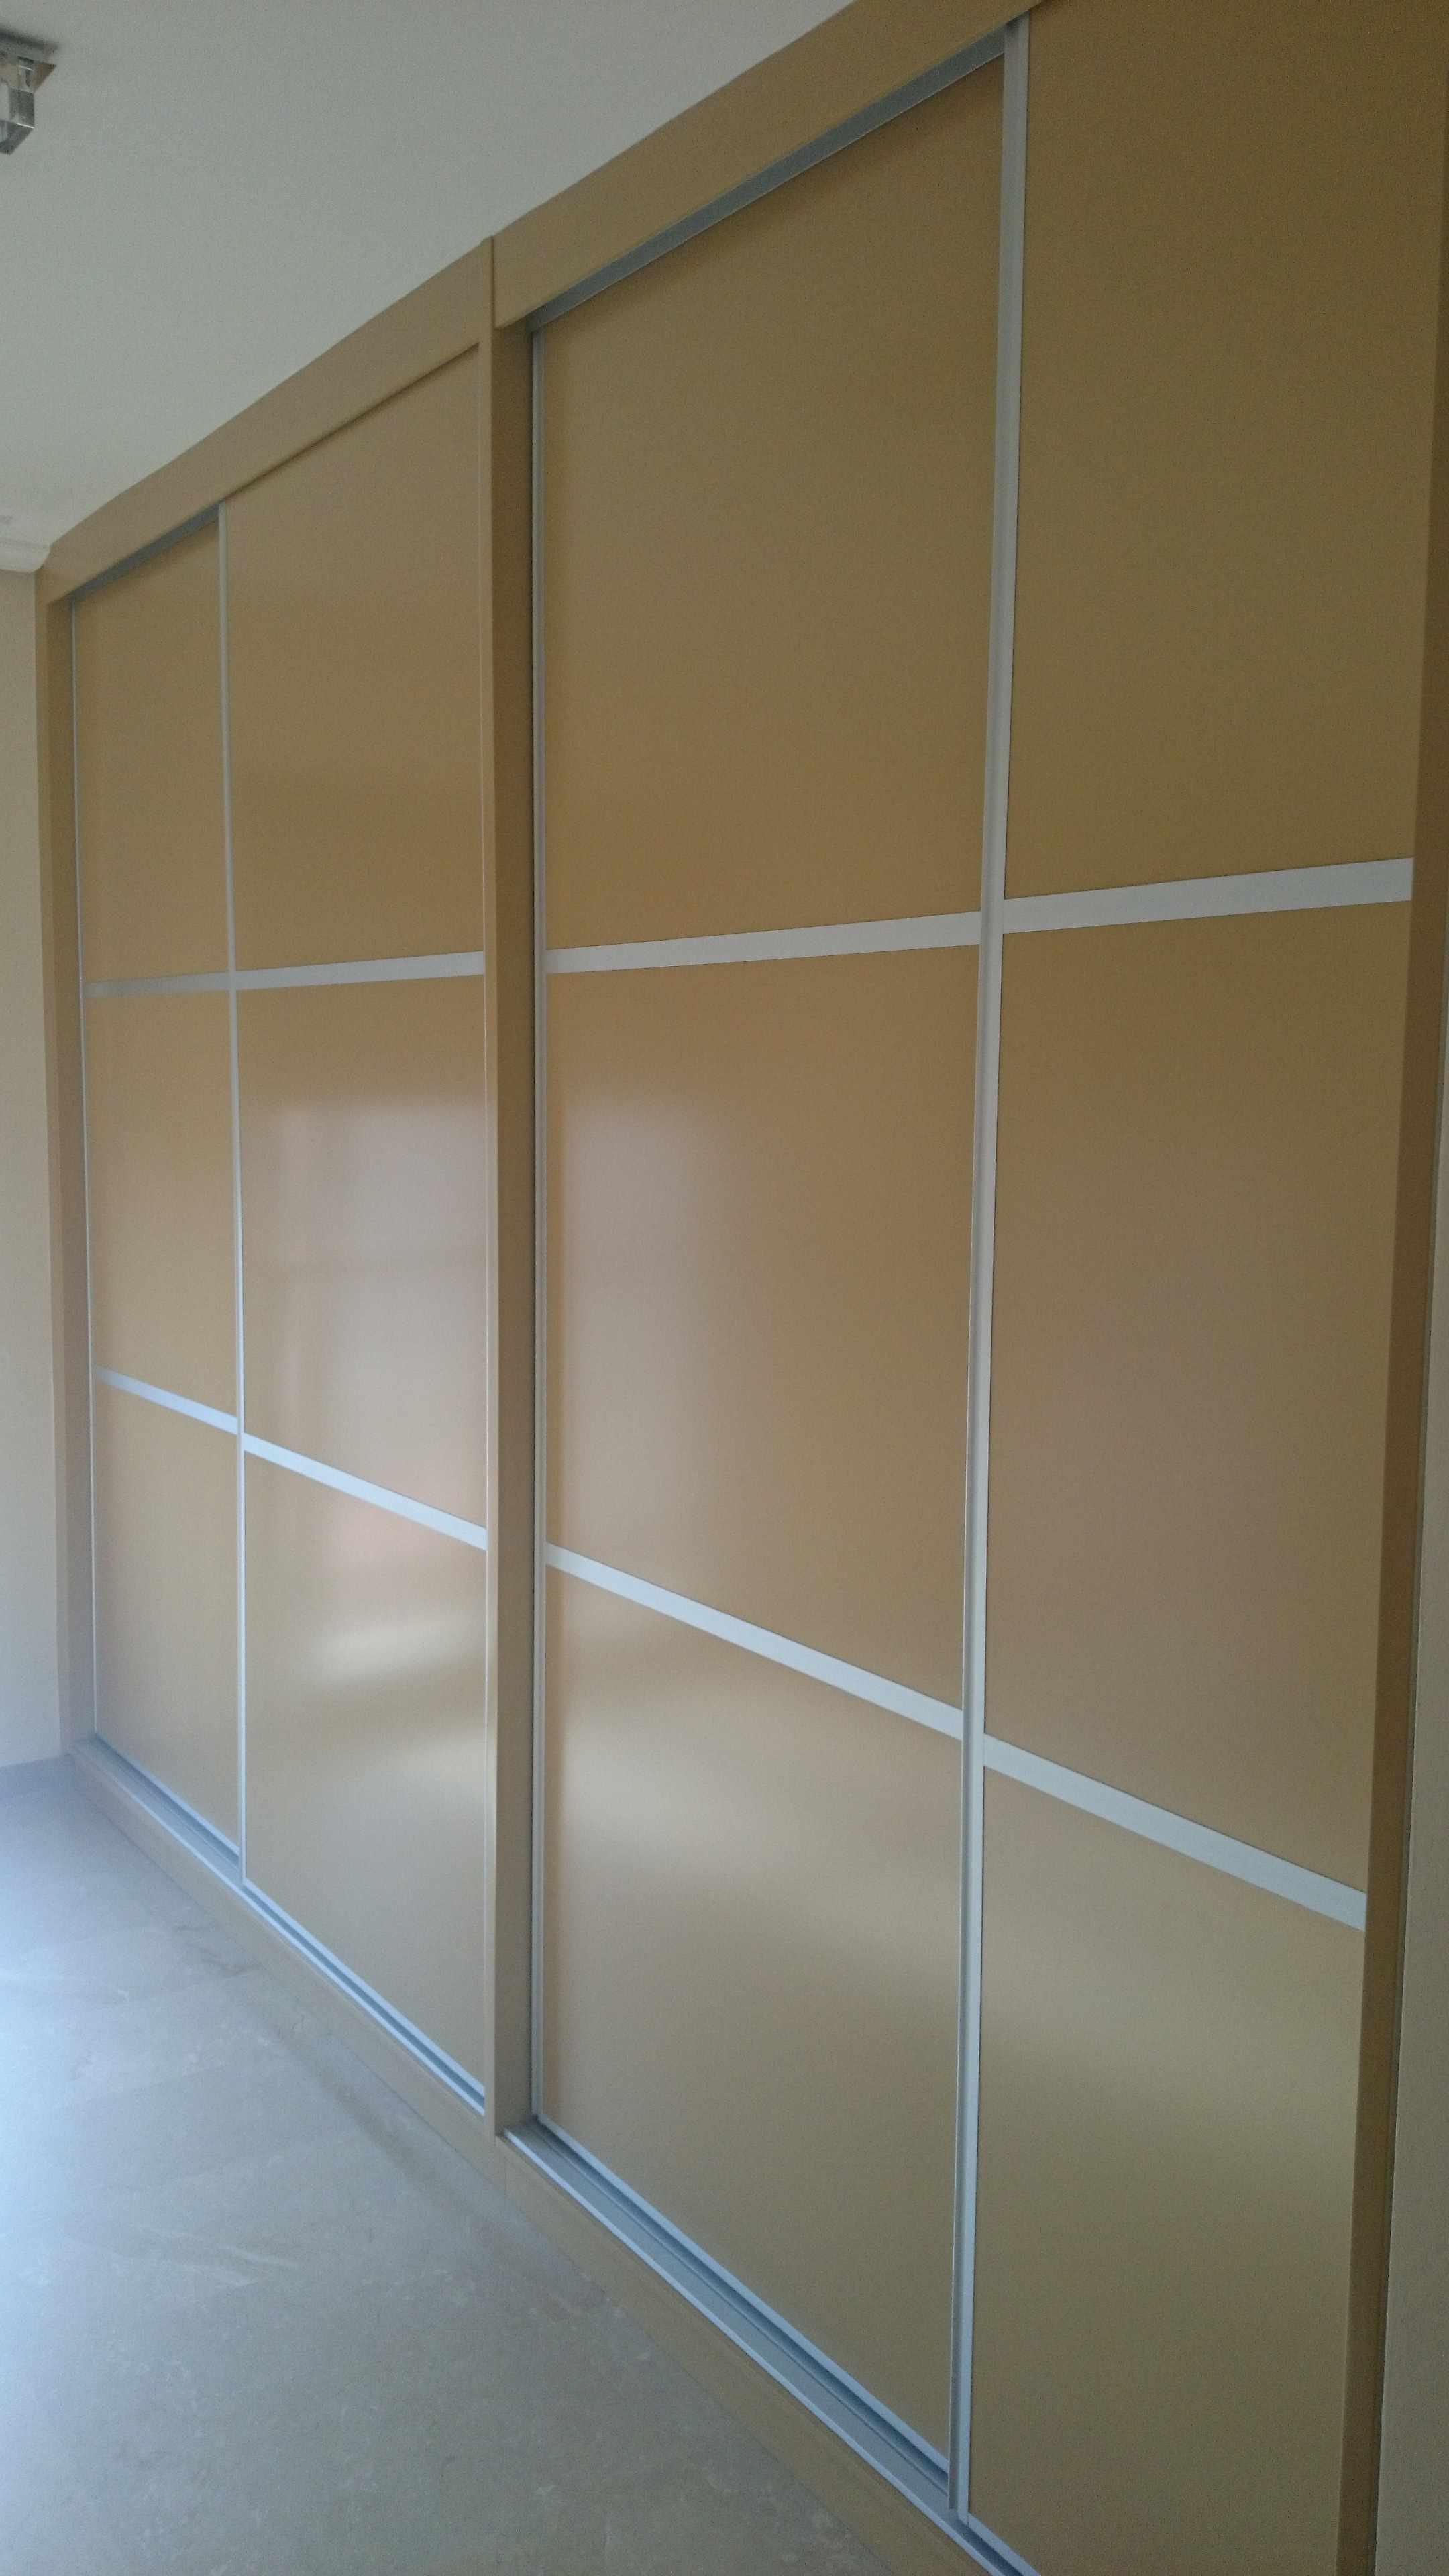 Carpinter a familia murcia armario lacado en color caramelo - Carpinteria de aluminio murcia ...